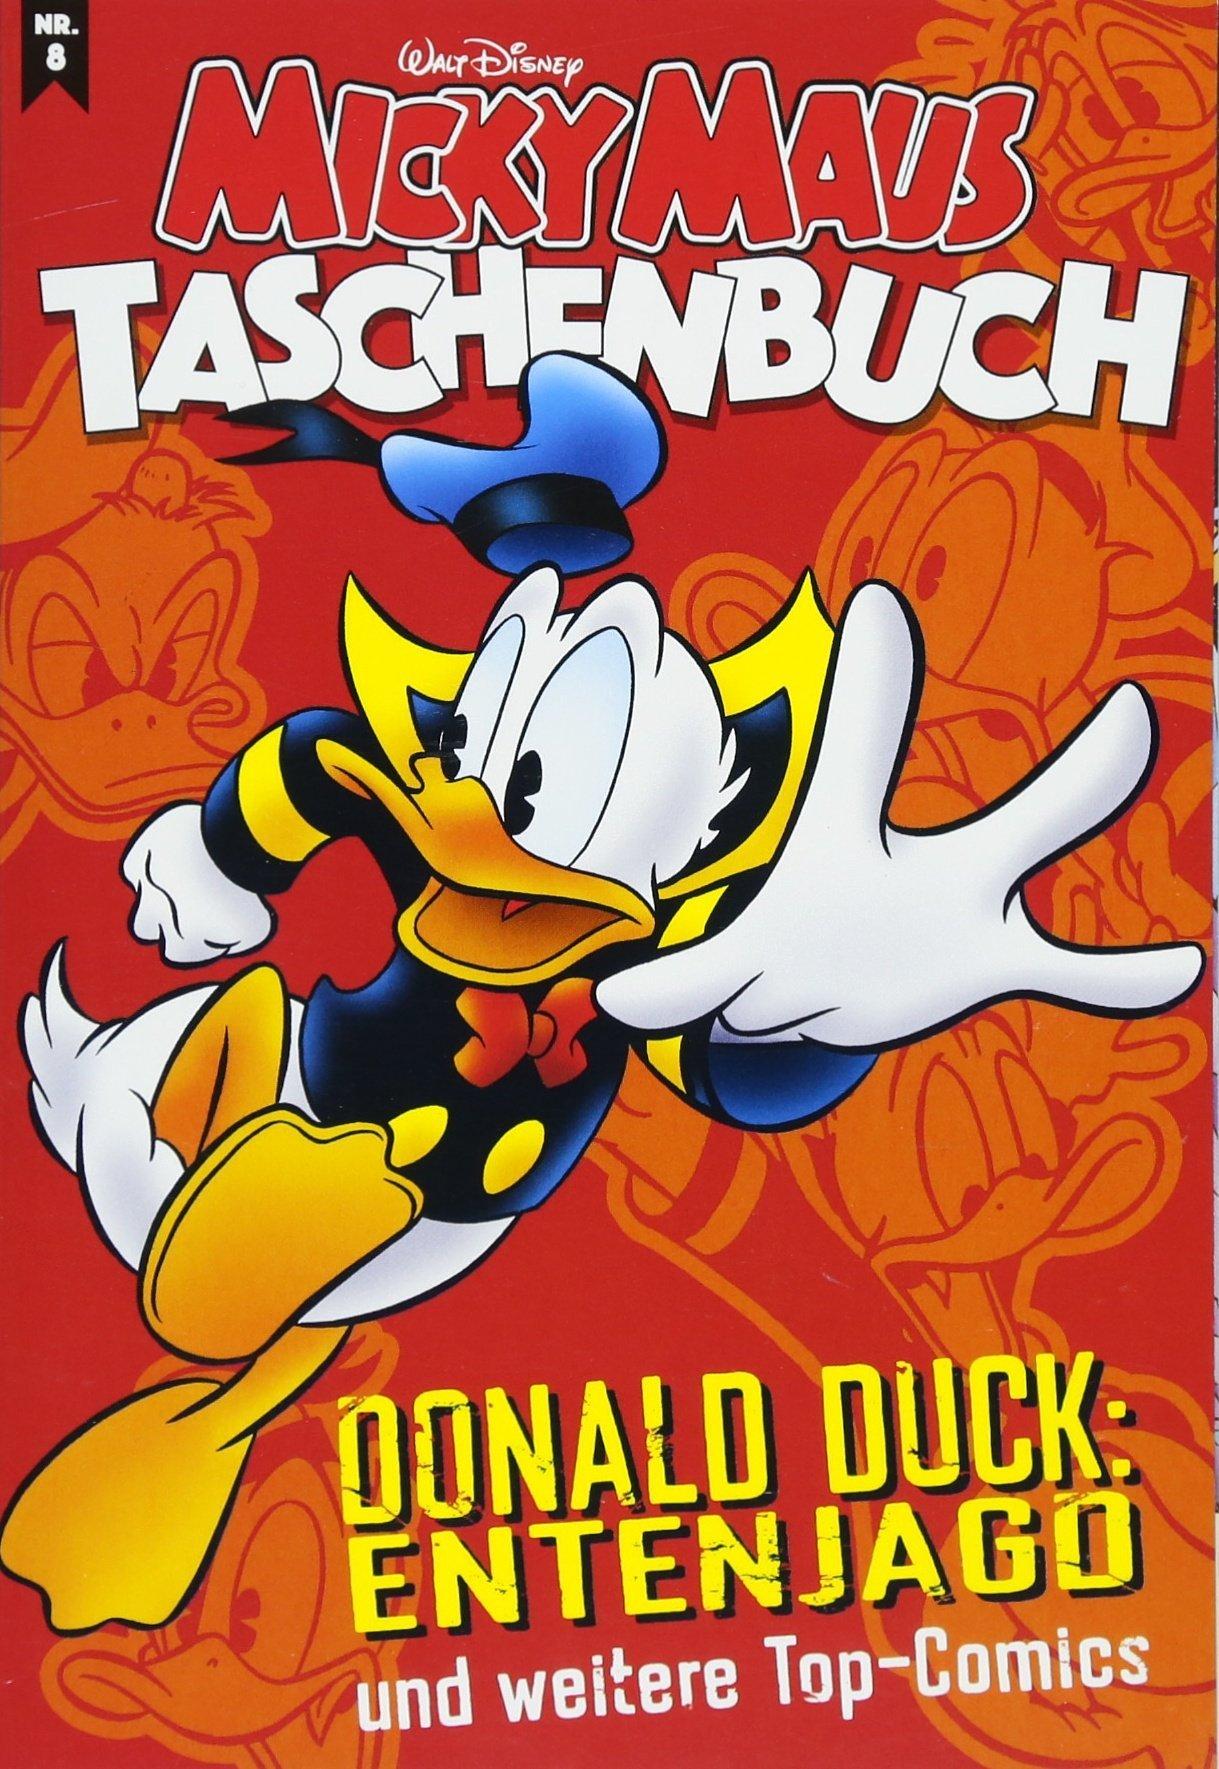 Micky Maus Taschenbuch 08: Donald Duck: Entenjagd und weitere Top-Comics